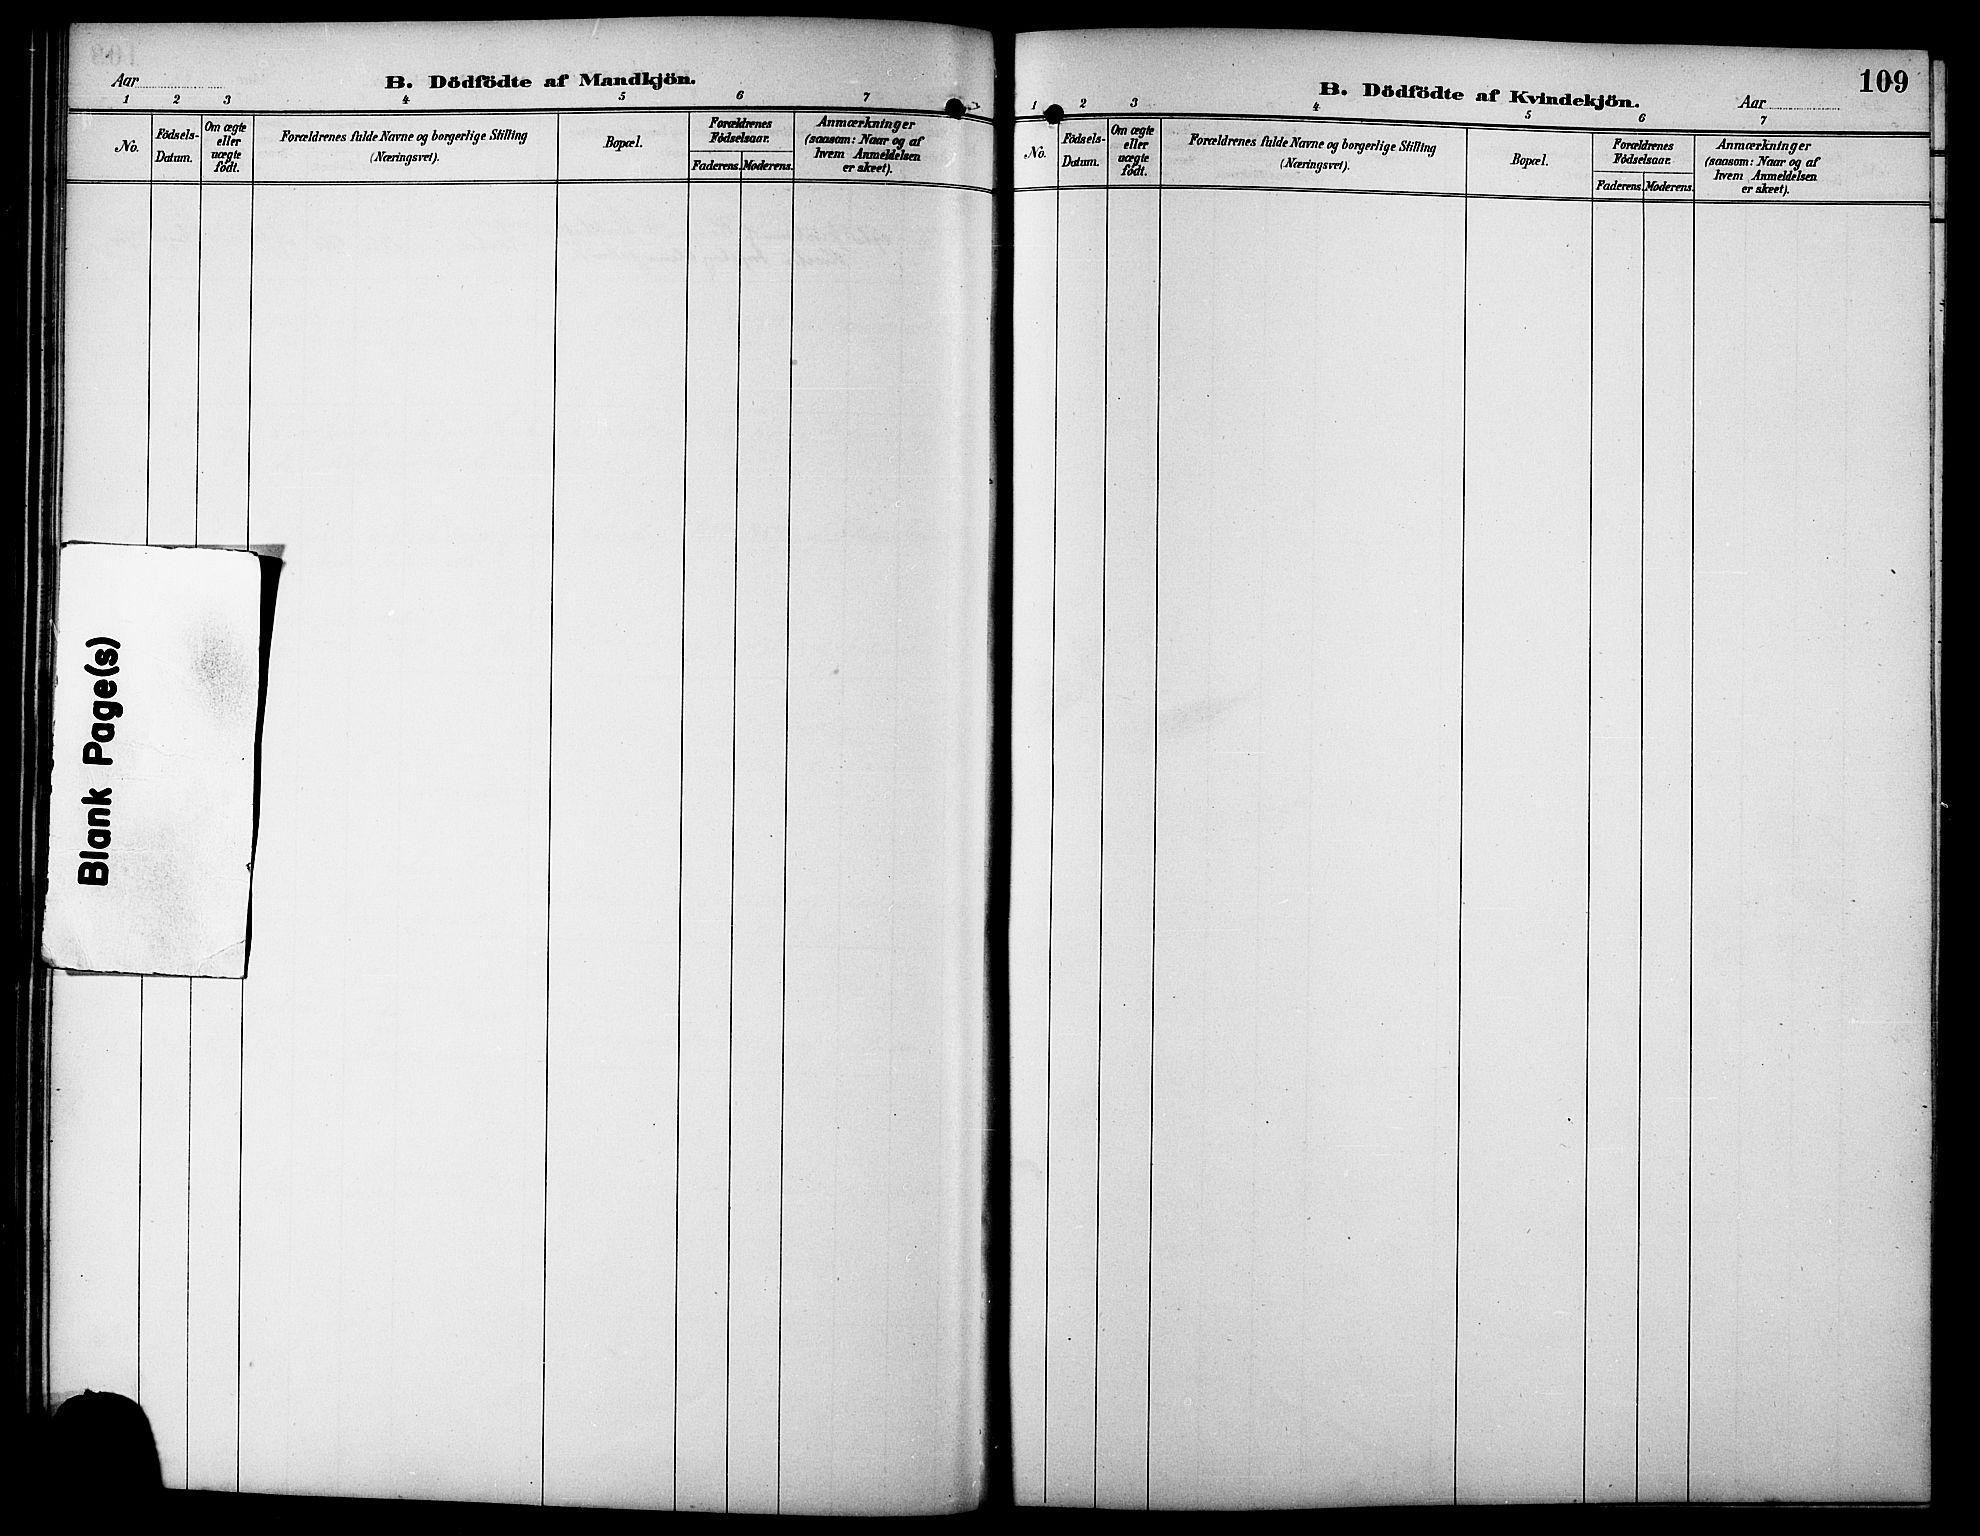 SAT, Ministerialprotokoller, klokkerbøker og fødselsregistre - Sør-Trøndelag, 617/L0431: Klokkerbok nr. 617C01, 1889-1910, s. 109